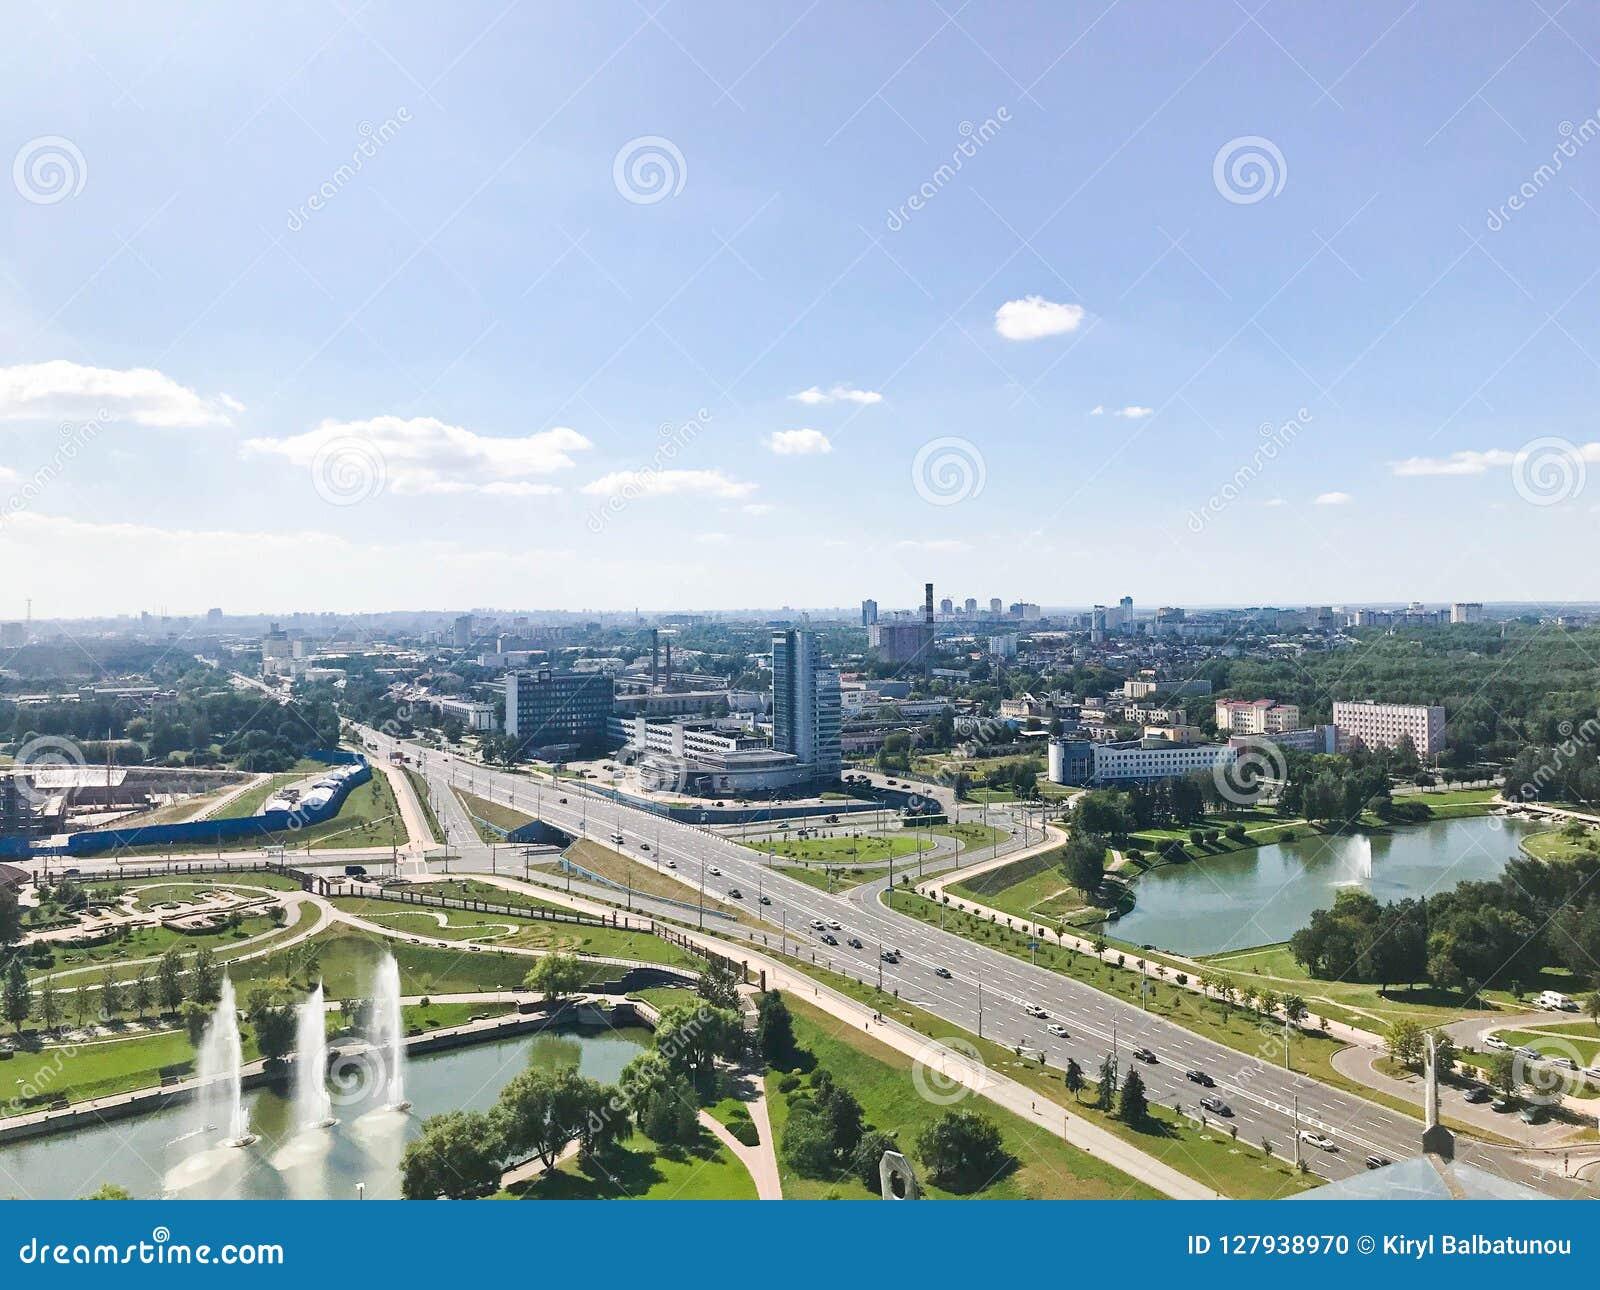 Панорамный взгляд от большой высоты на красивой столице, городе с много дорог и многоэтажных зданиях